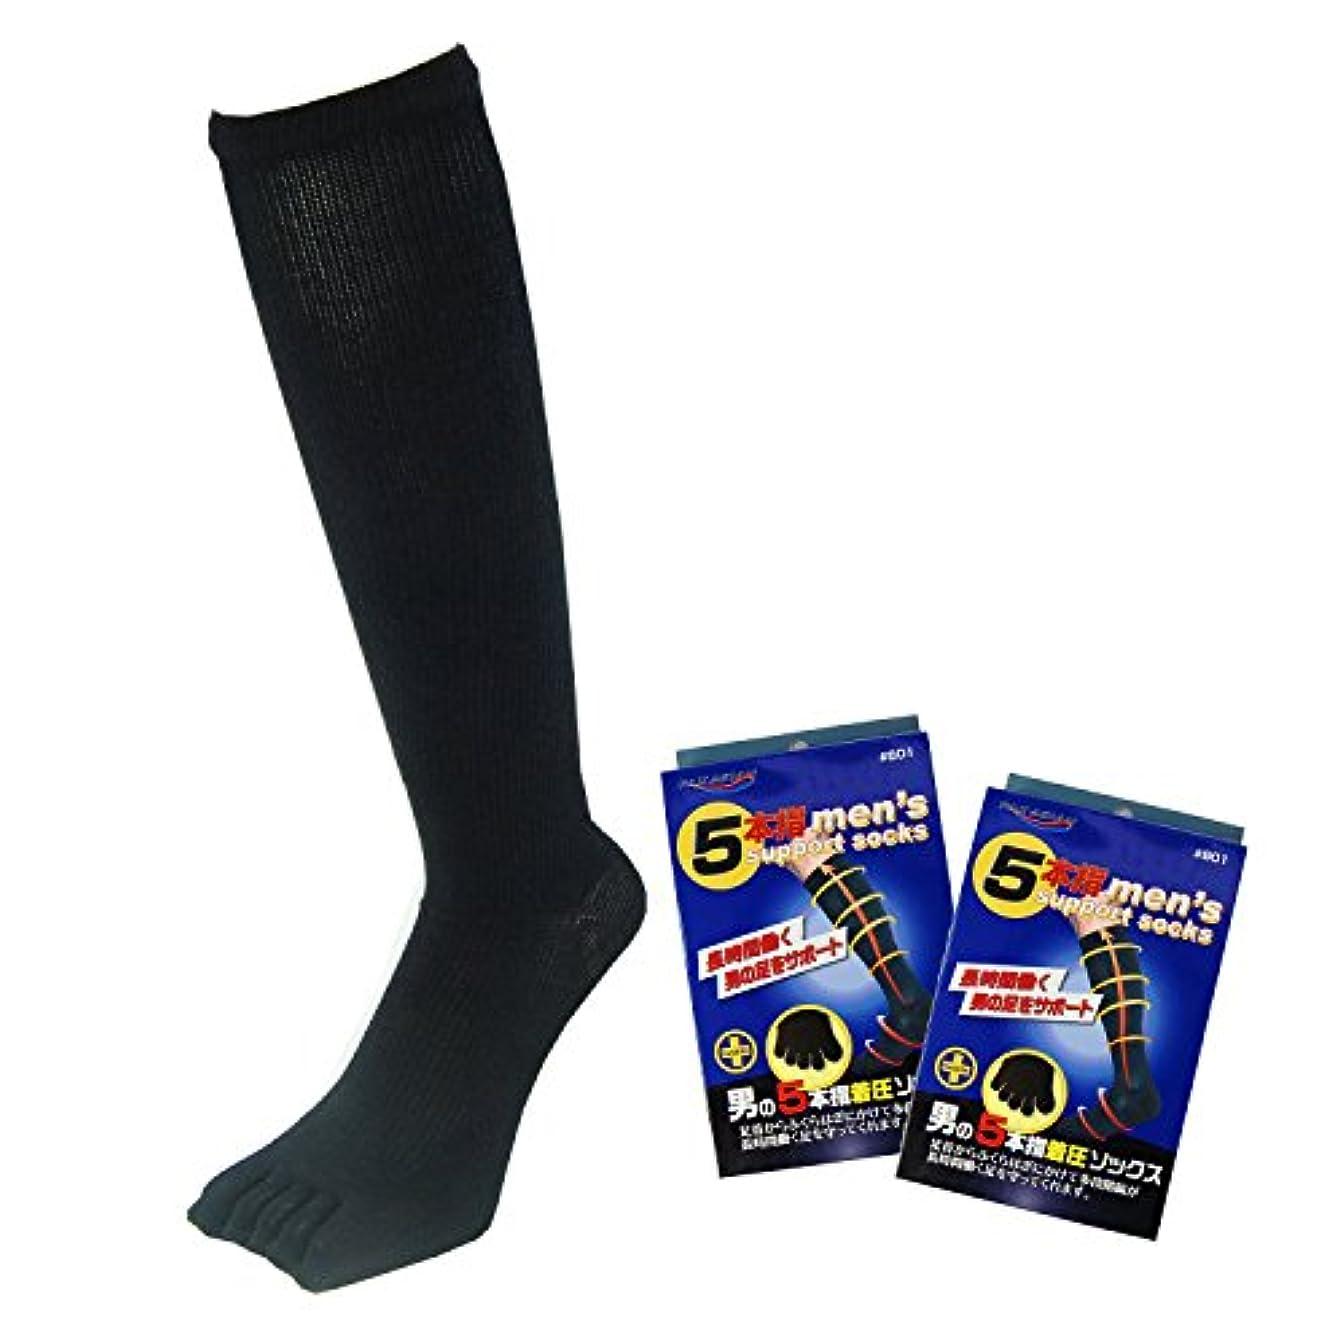 エピソード温度質素なPAX-ASIAN 紳士 メンズ 着圧靴下 ムクミ解消 抗菌防臭 サポート 五本指ハイソックス 黒色 ( ブラック ) #801 2足組